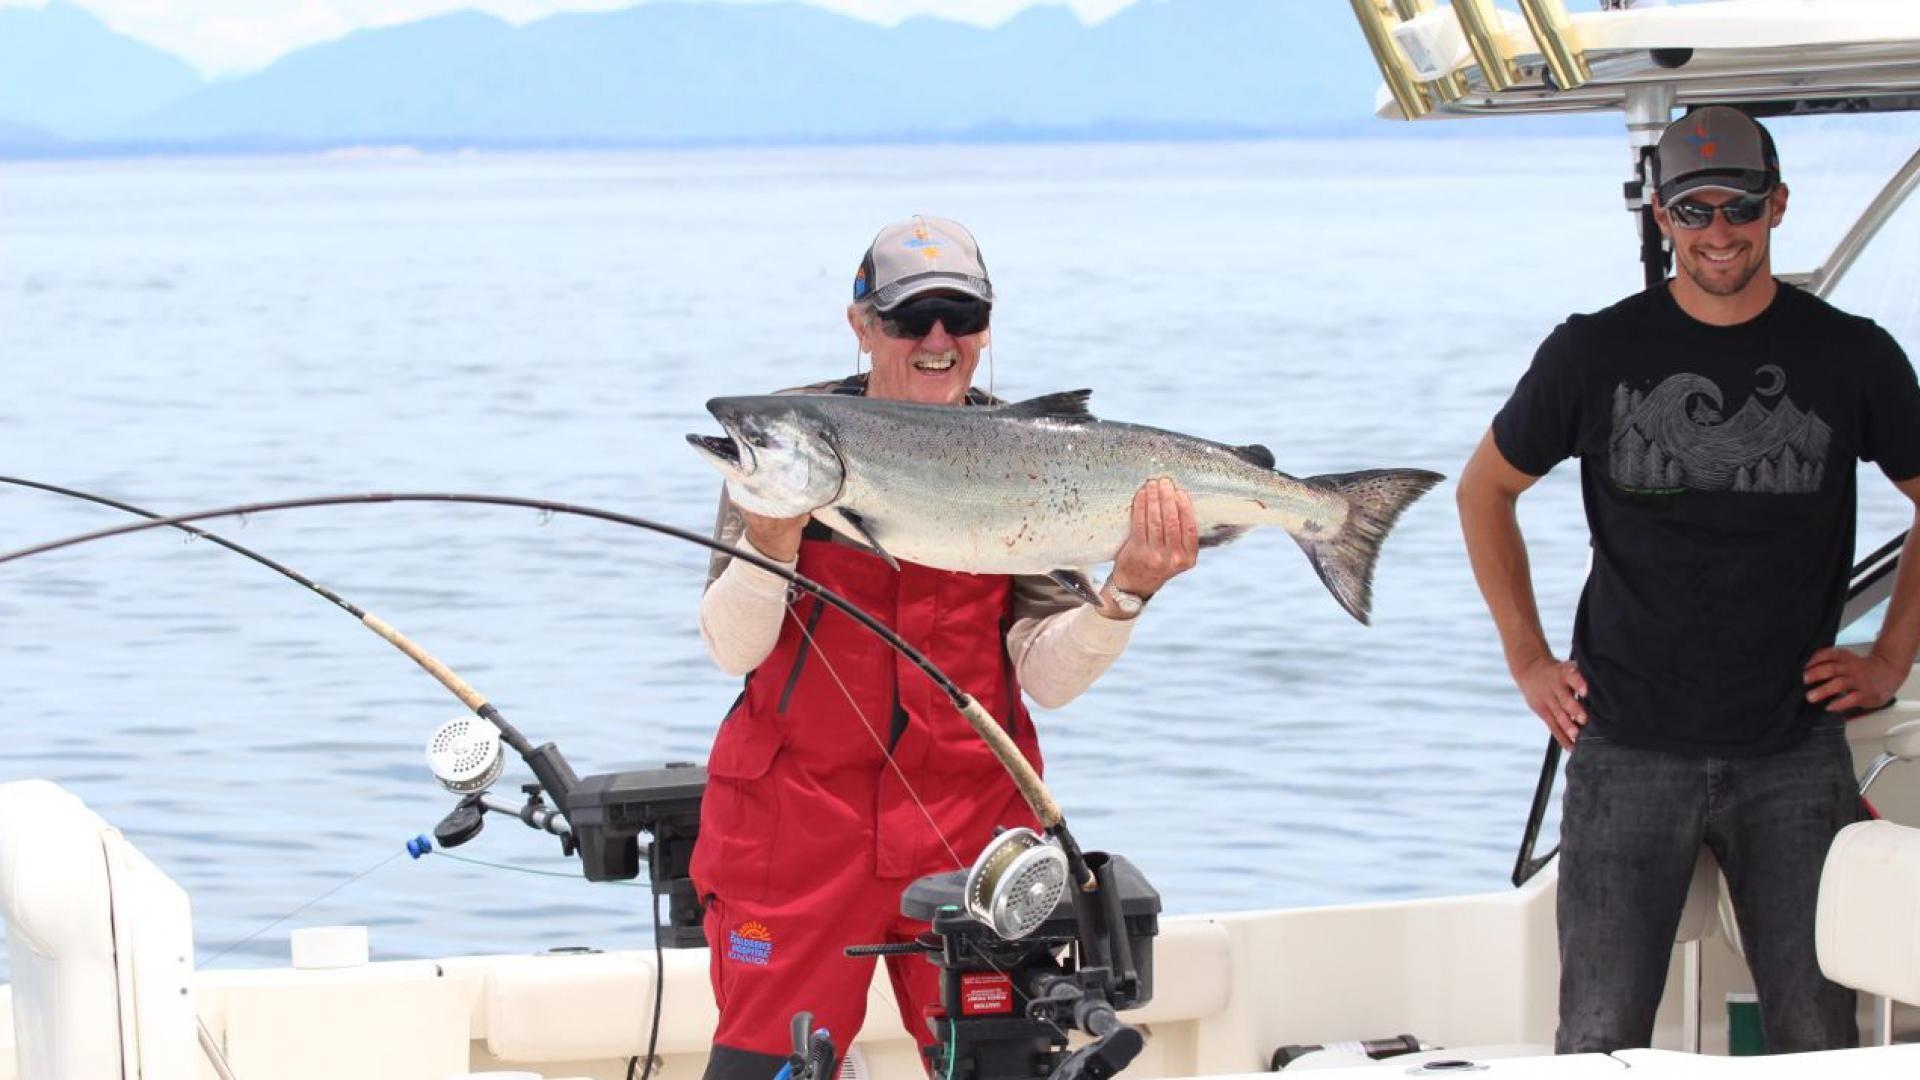 Tofino Fish Guides Tofino's Premier Sportfishing